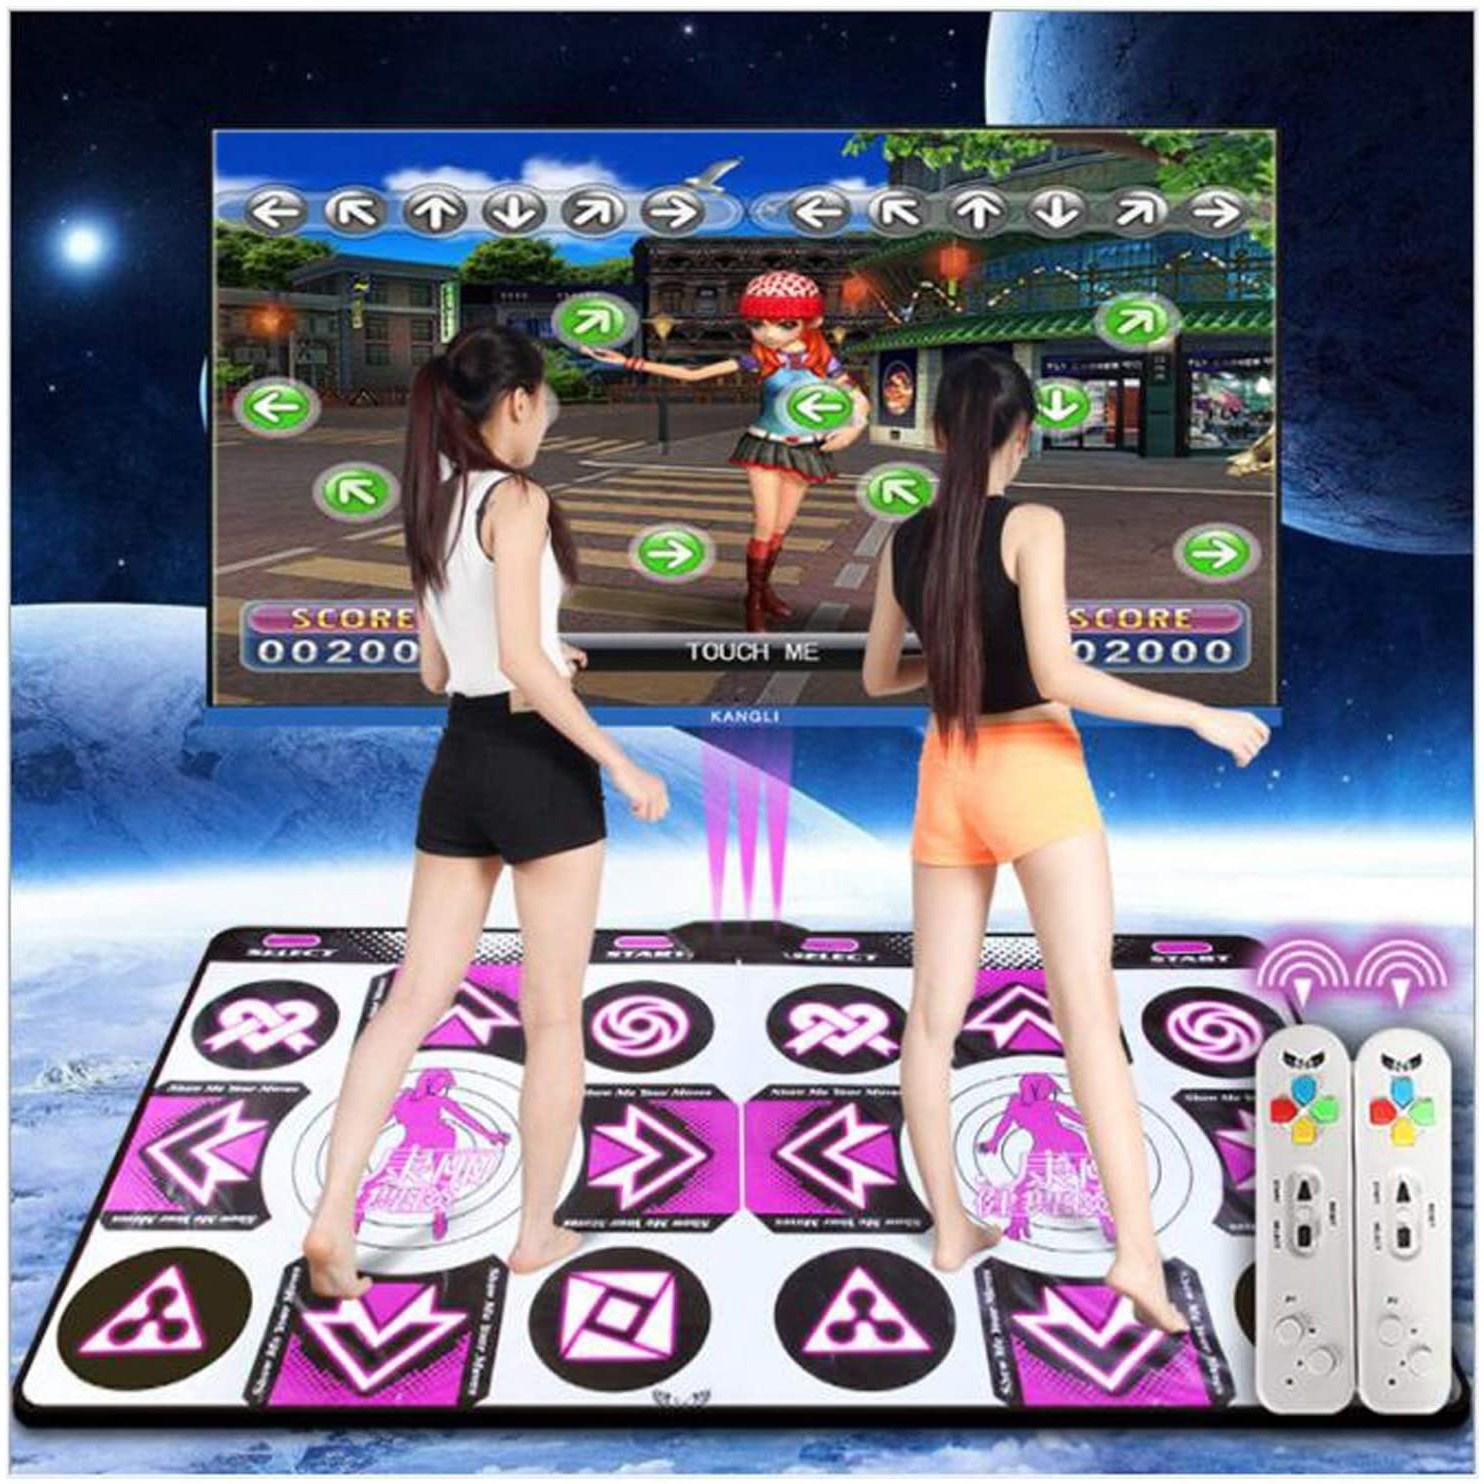 AM ANNA 던블 플레이댄스 DDR PUMP 매트 2인용 티비 컴퓨터 겸용, 1세트, KL-WPS32-11(퍼플)